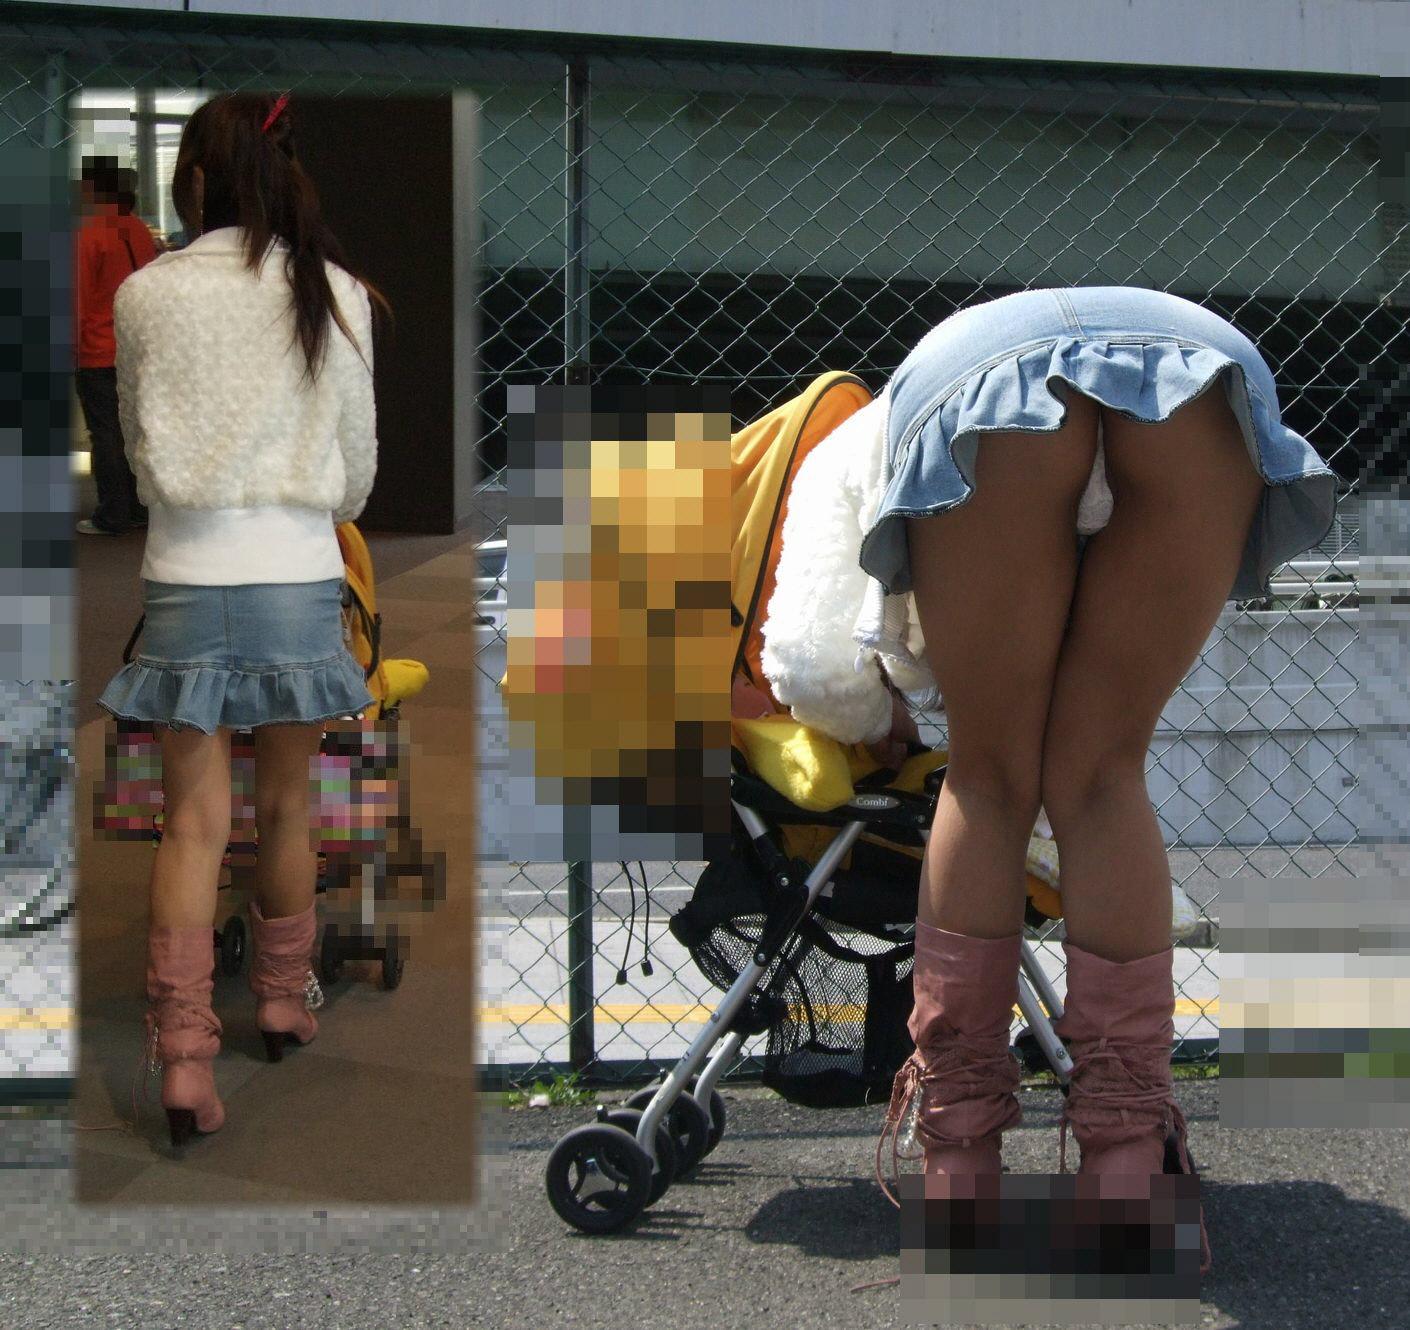 【パンチラ画像】何気なく覗いたスカートの奥がTバックだった時の感動は異常www 17